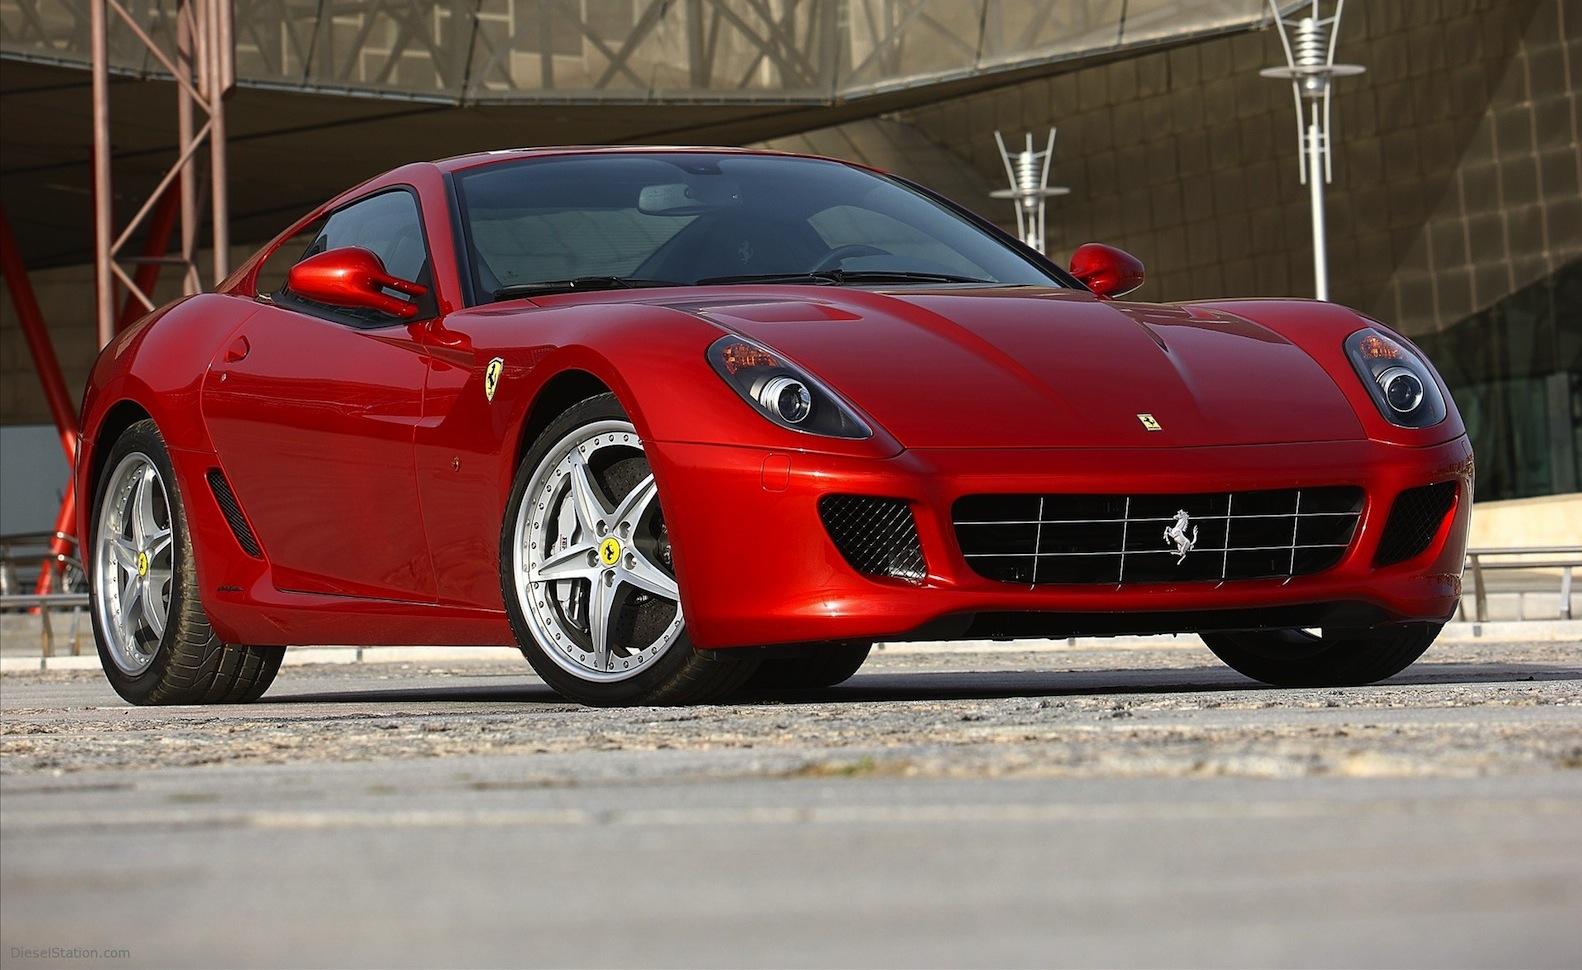 Ferrari 599 Gtb Fiorano Usata E Il Boom Motorage New Generation